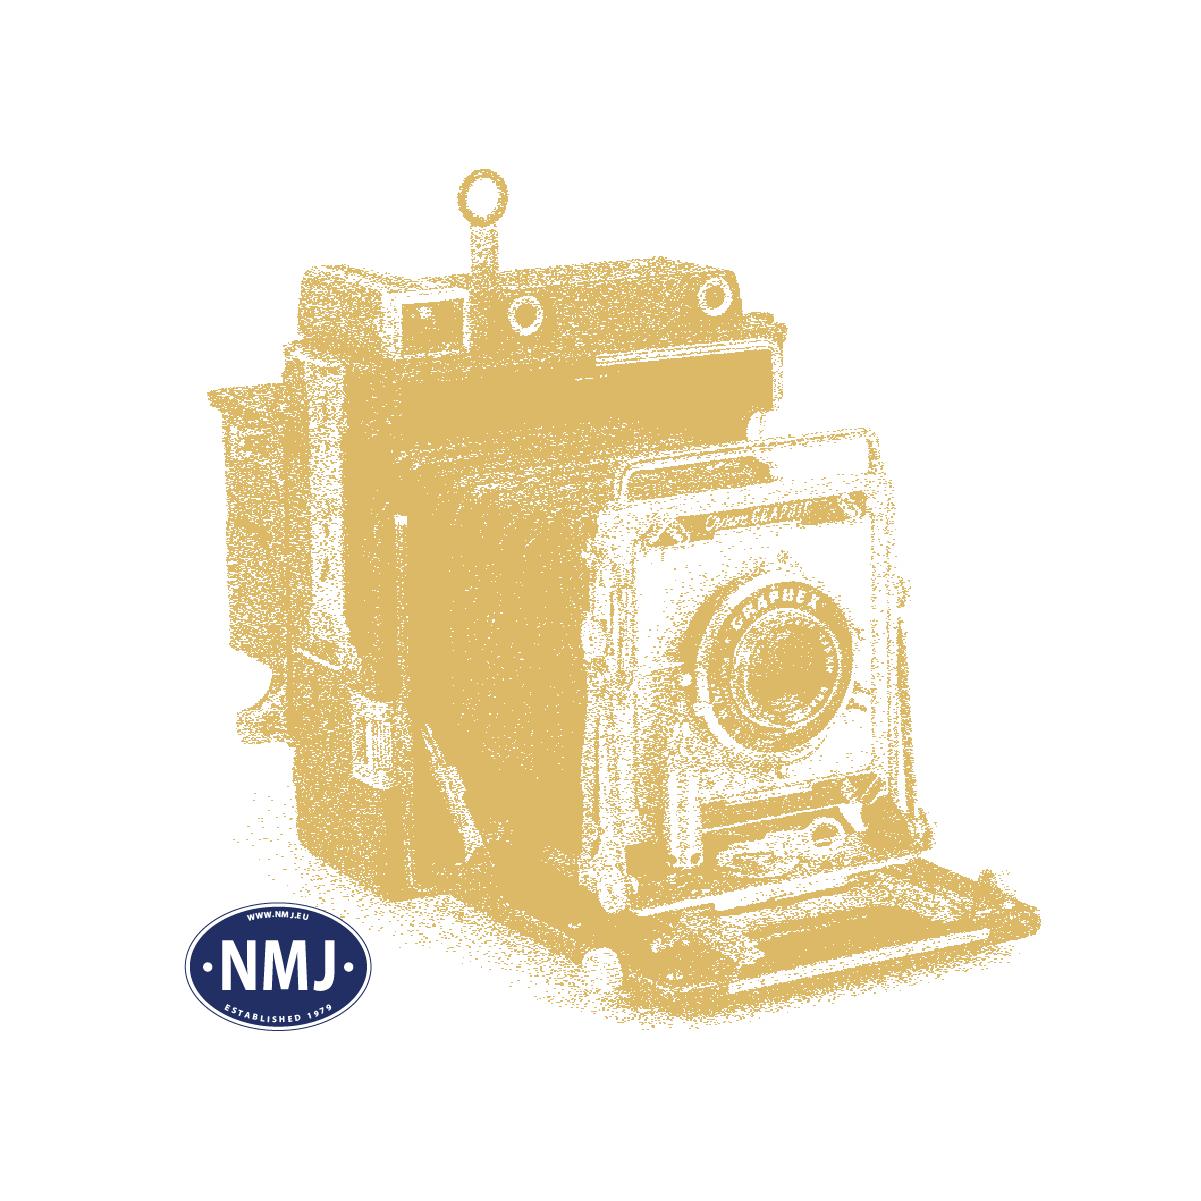 NMJH16104 - NMJ Skyline Moelven Brakke, Trebyggesett